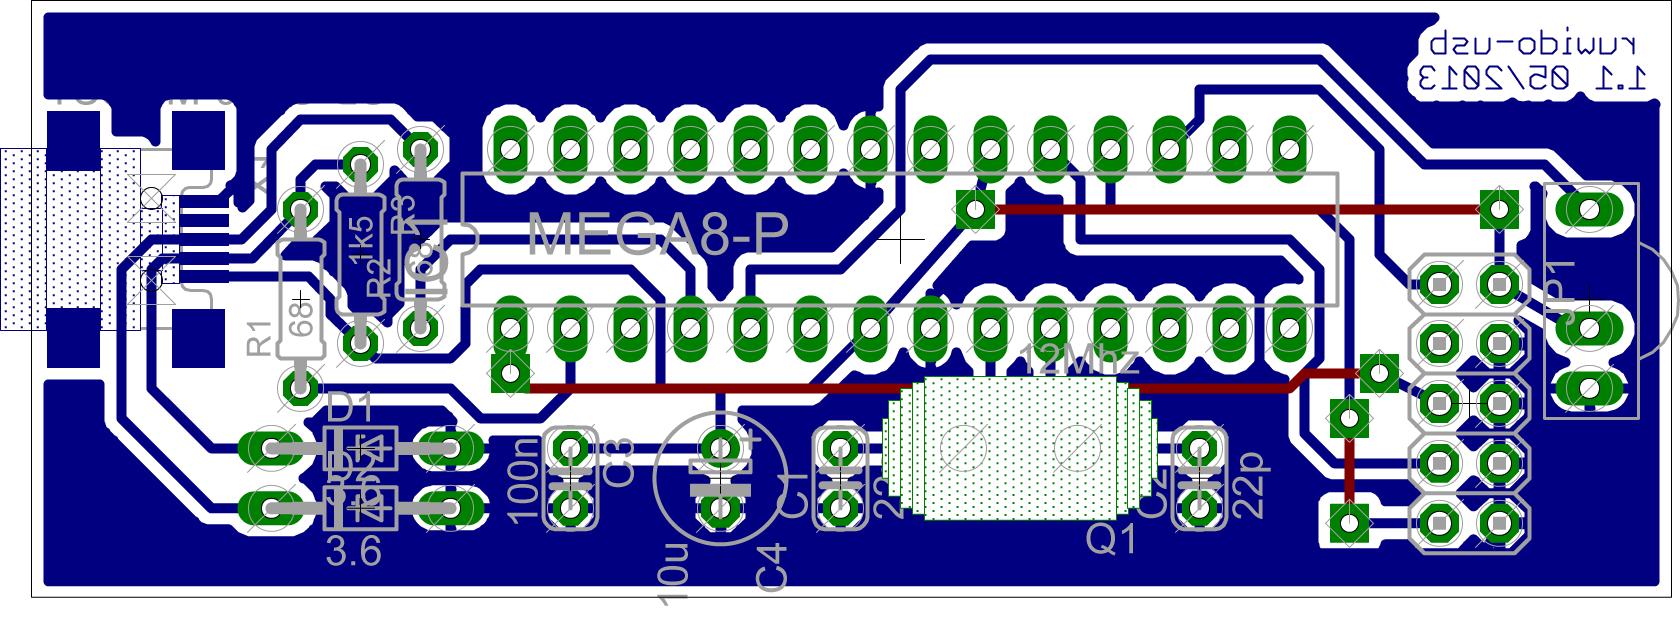 layout-1-1